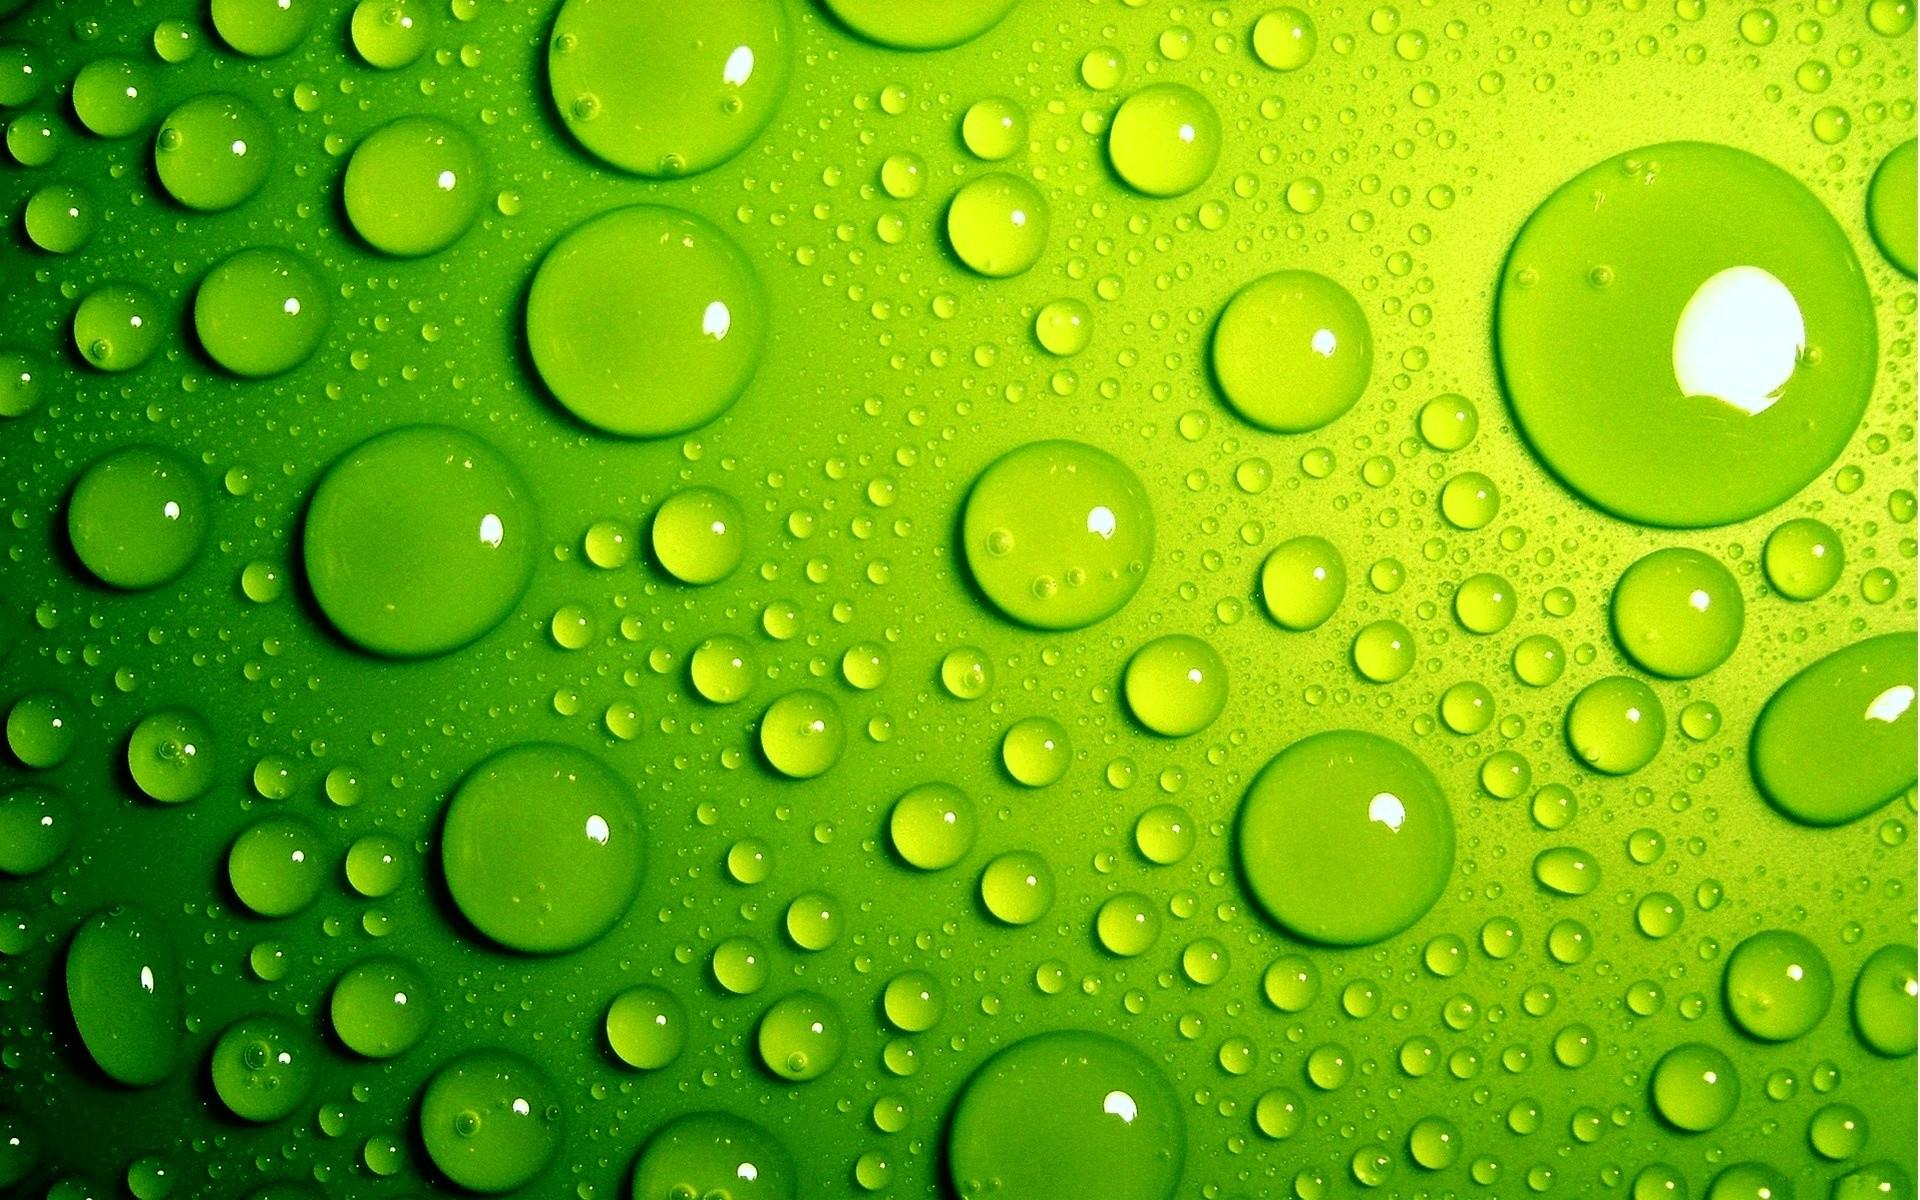 … Green Wallpaper 11 …